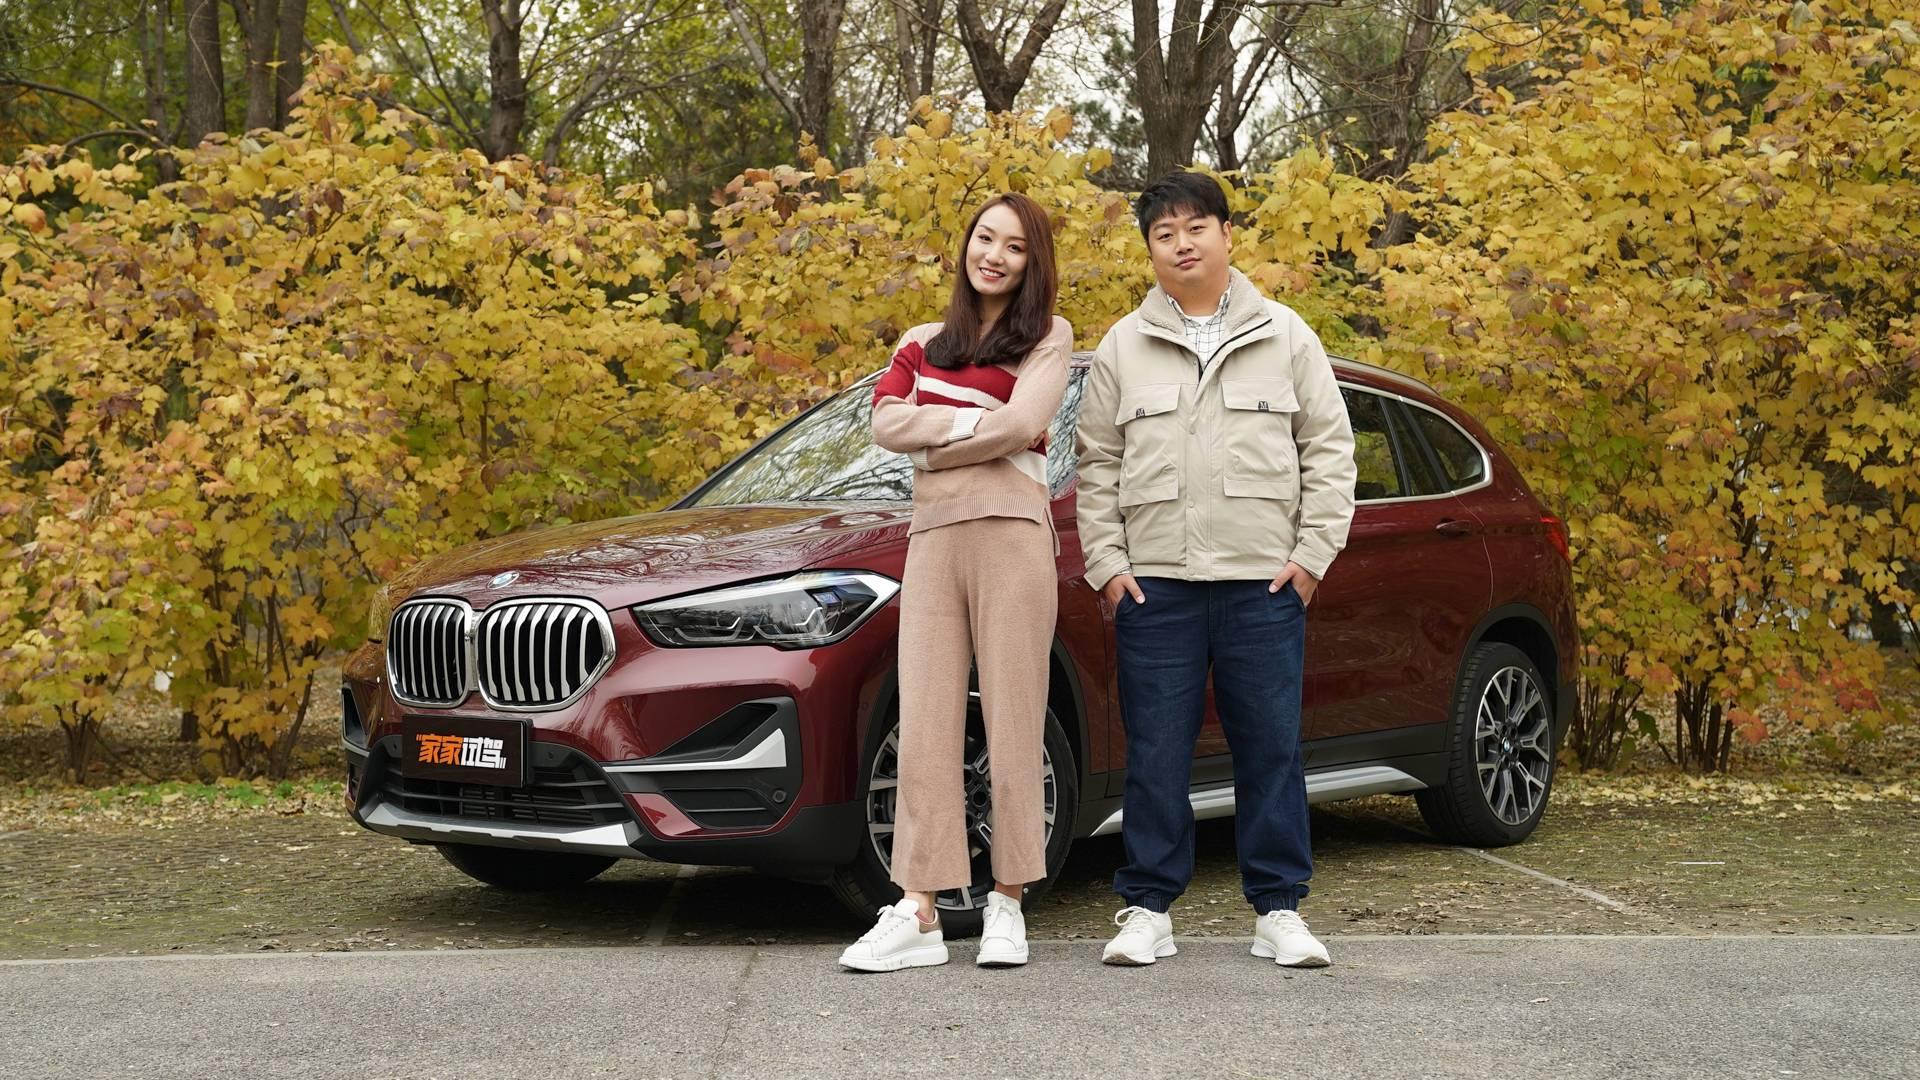 新BMW X1究竟如何?老车主有话说